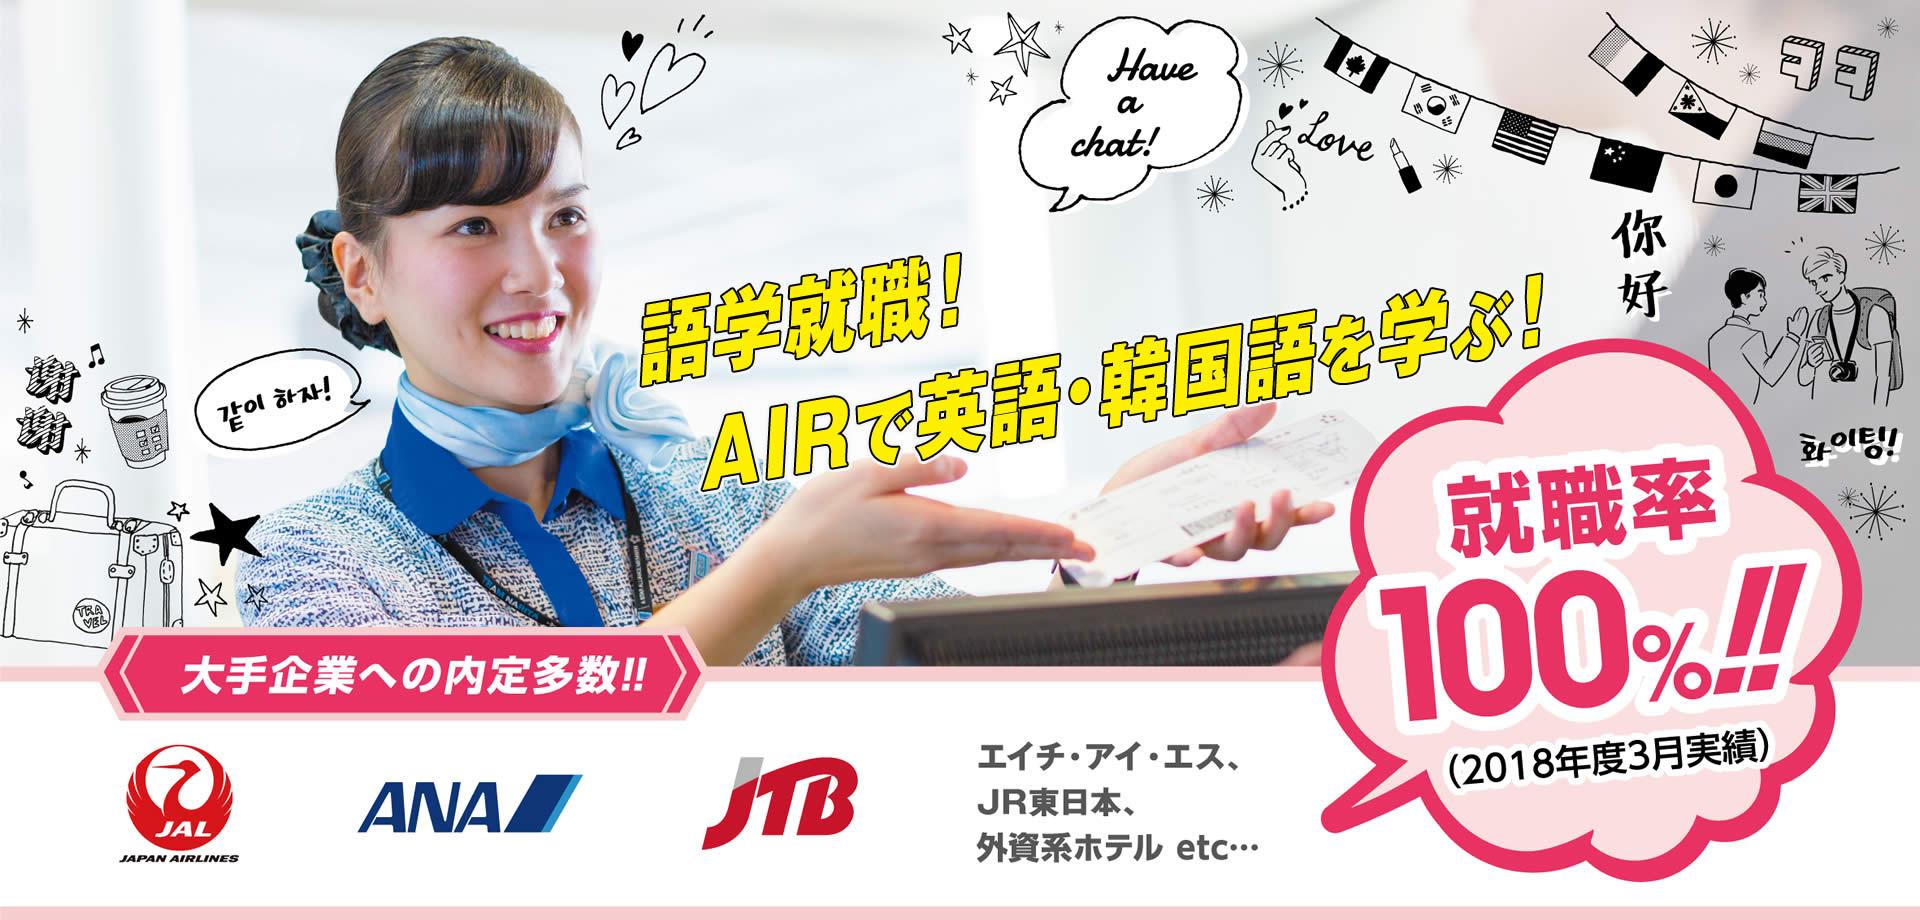 語学就職!AIRで英語・韓国語を学ぶ!